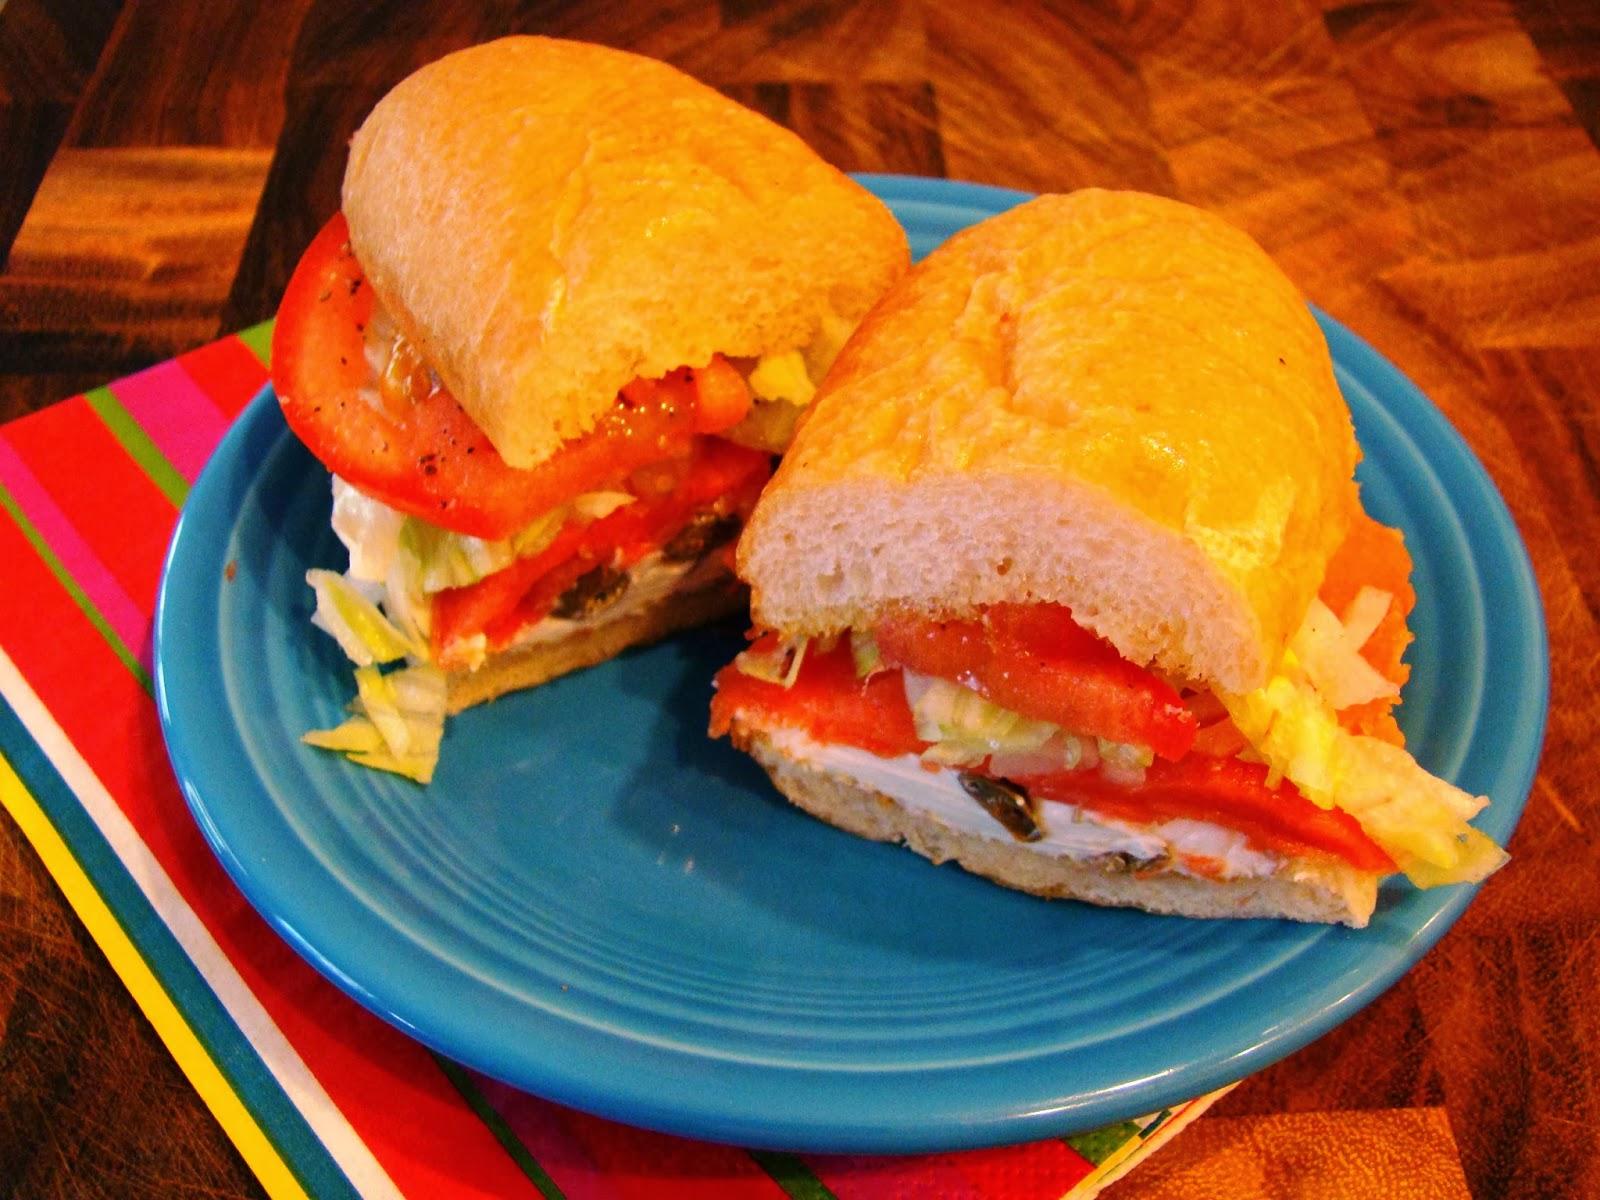 SmokedSalmon and Cream Cheese Sandwich